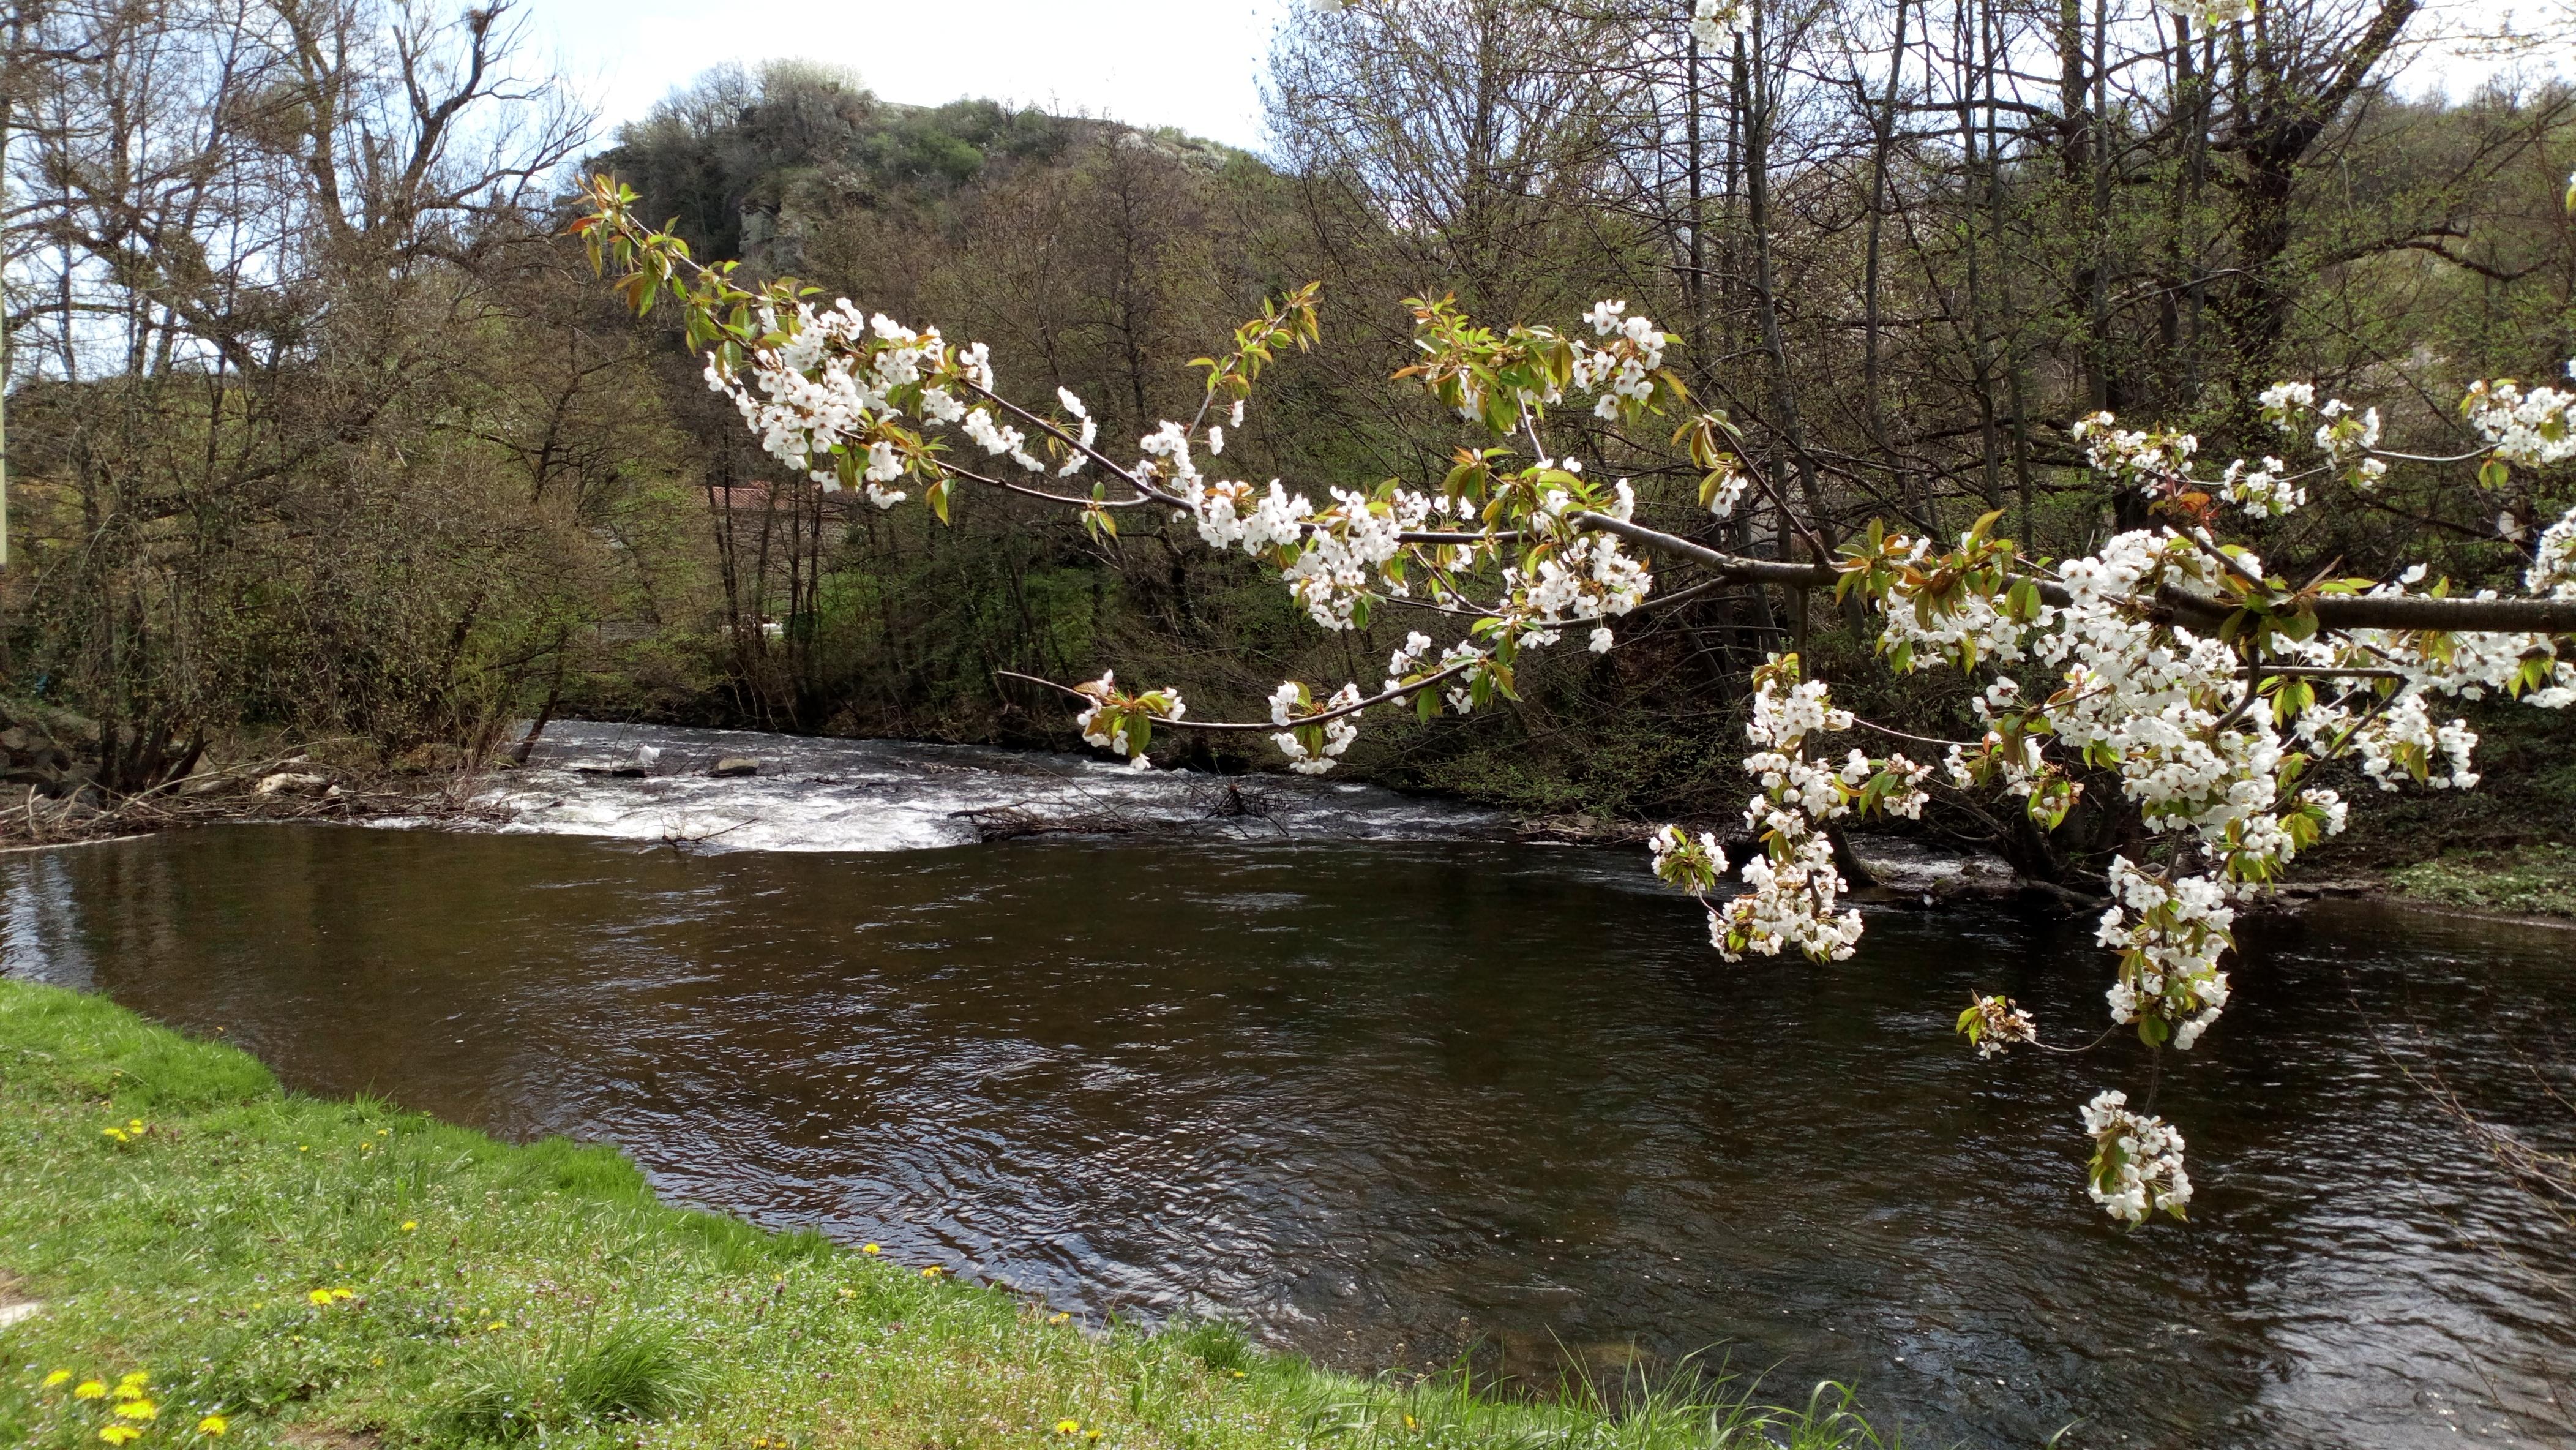 Rivière-la-couze-pavin-lamaisondemika